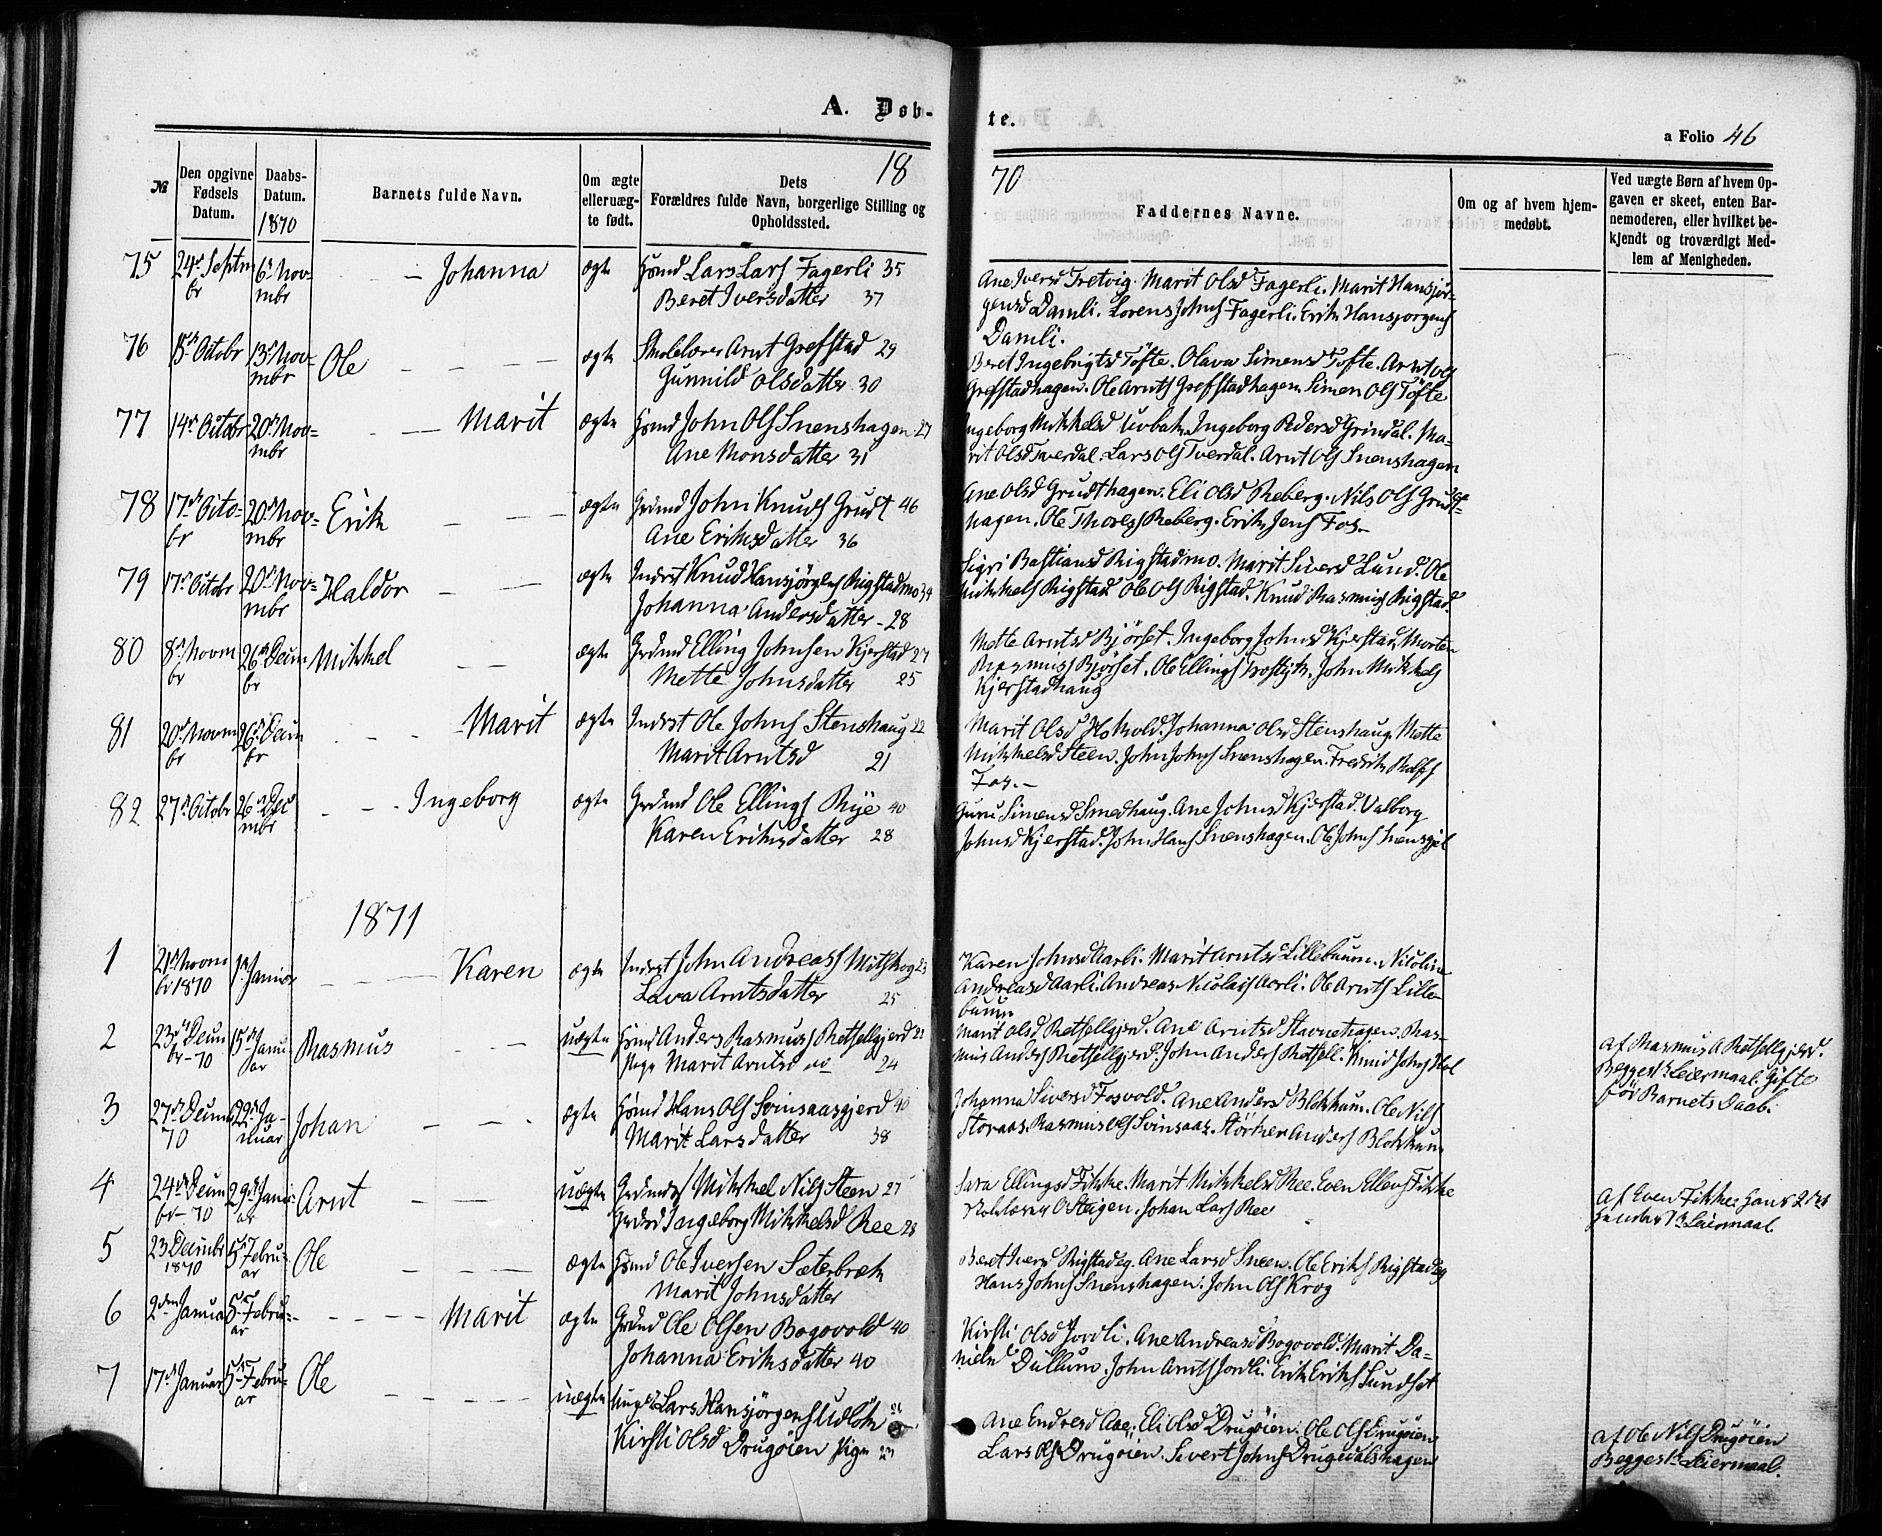 SAT, Ministerialprotokoller, klokkerbøker og fødselsregistre - Sør-Trøndelag, 672/L0856: Ministerialbok nr. 672A08, 1861-1881, s. 46